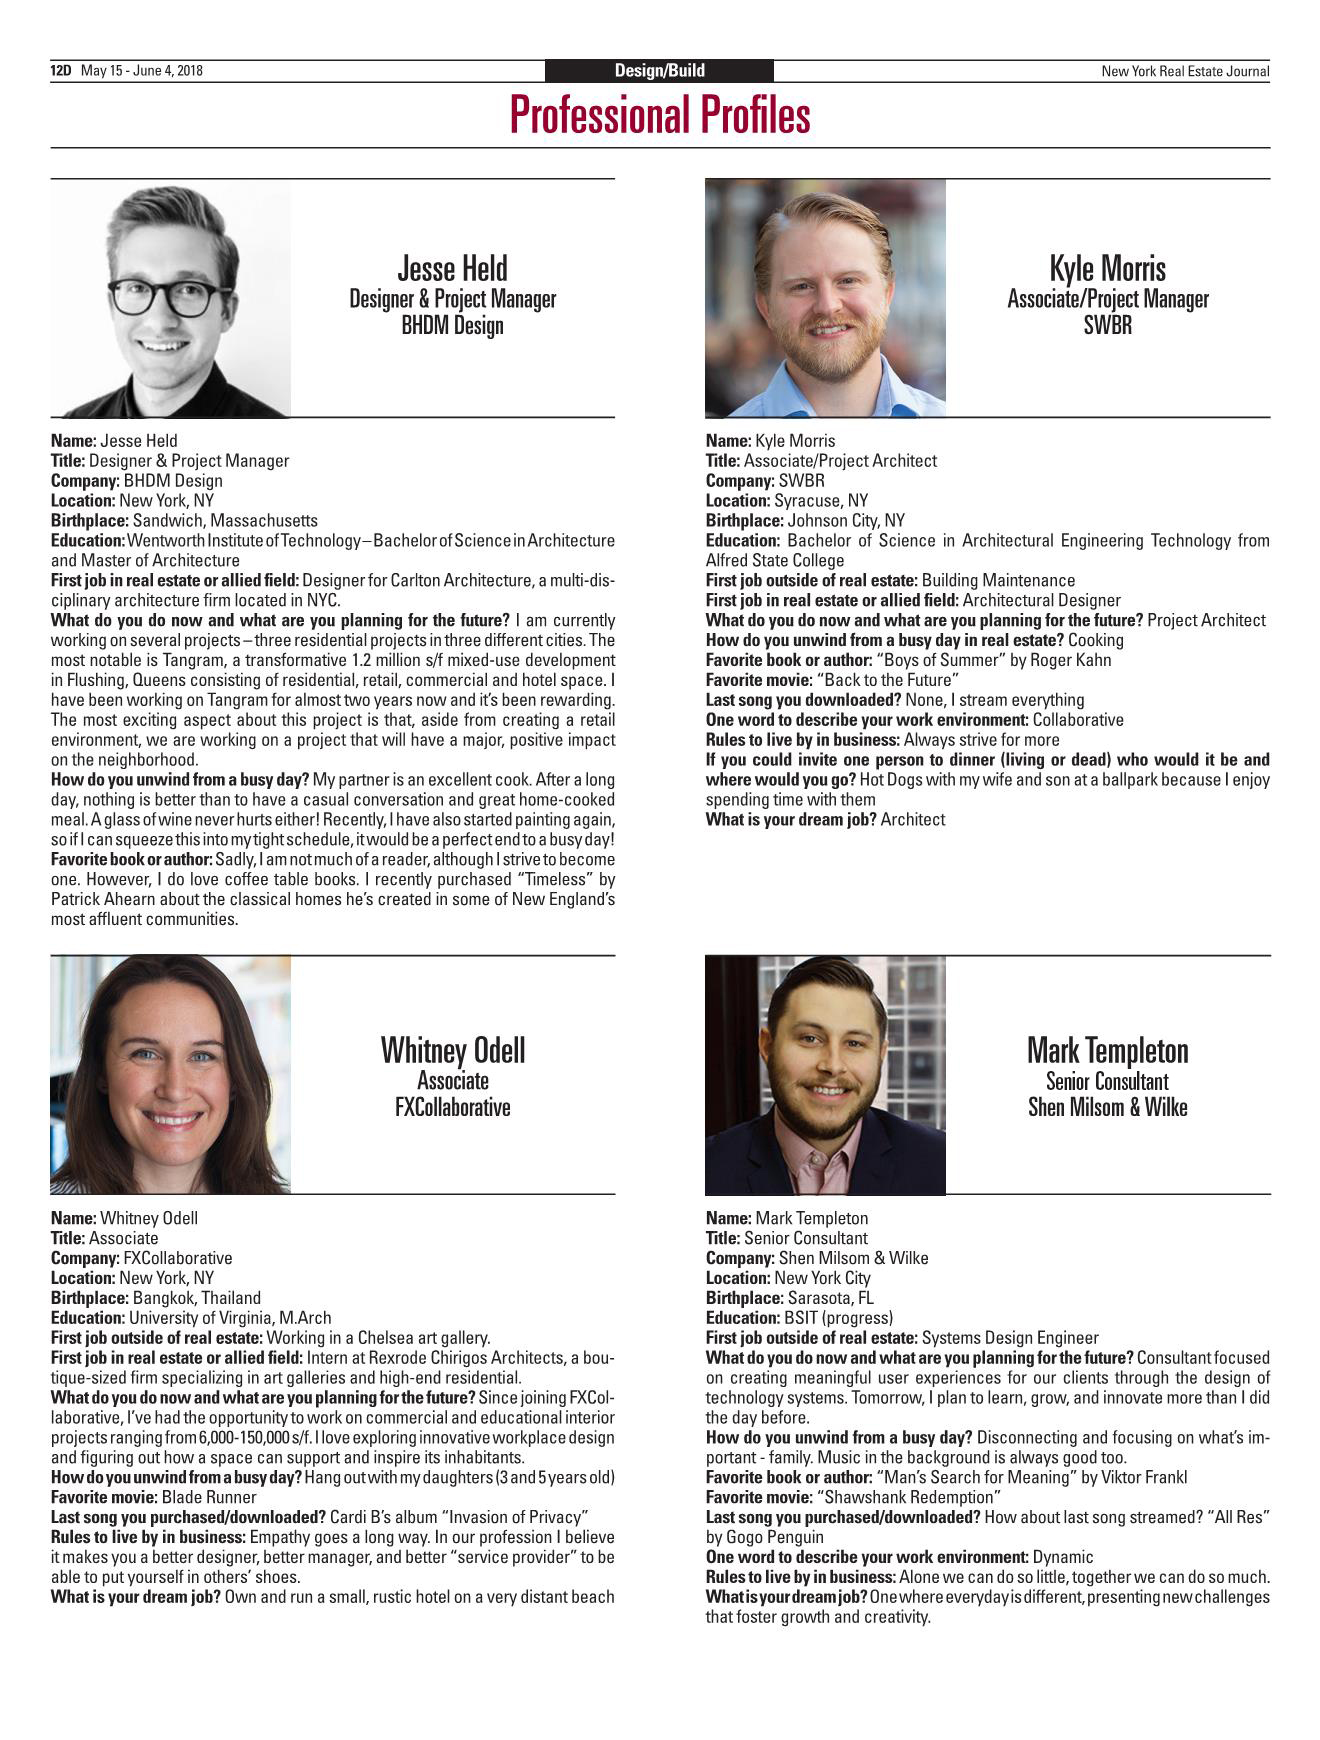 Mark Templeton NYREJ Print profile